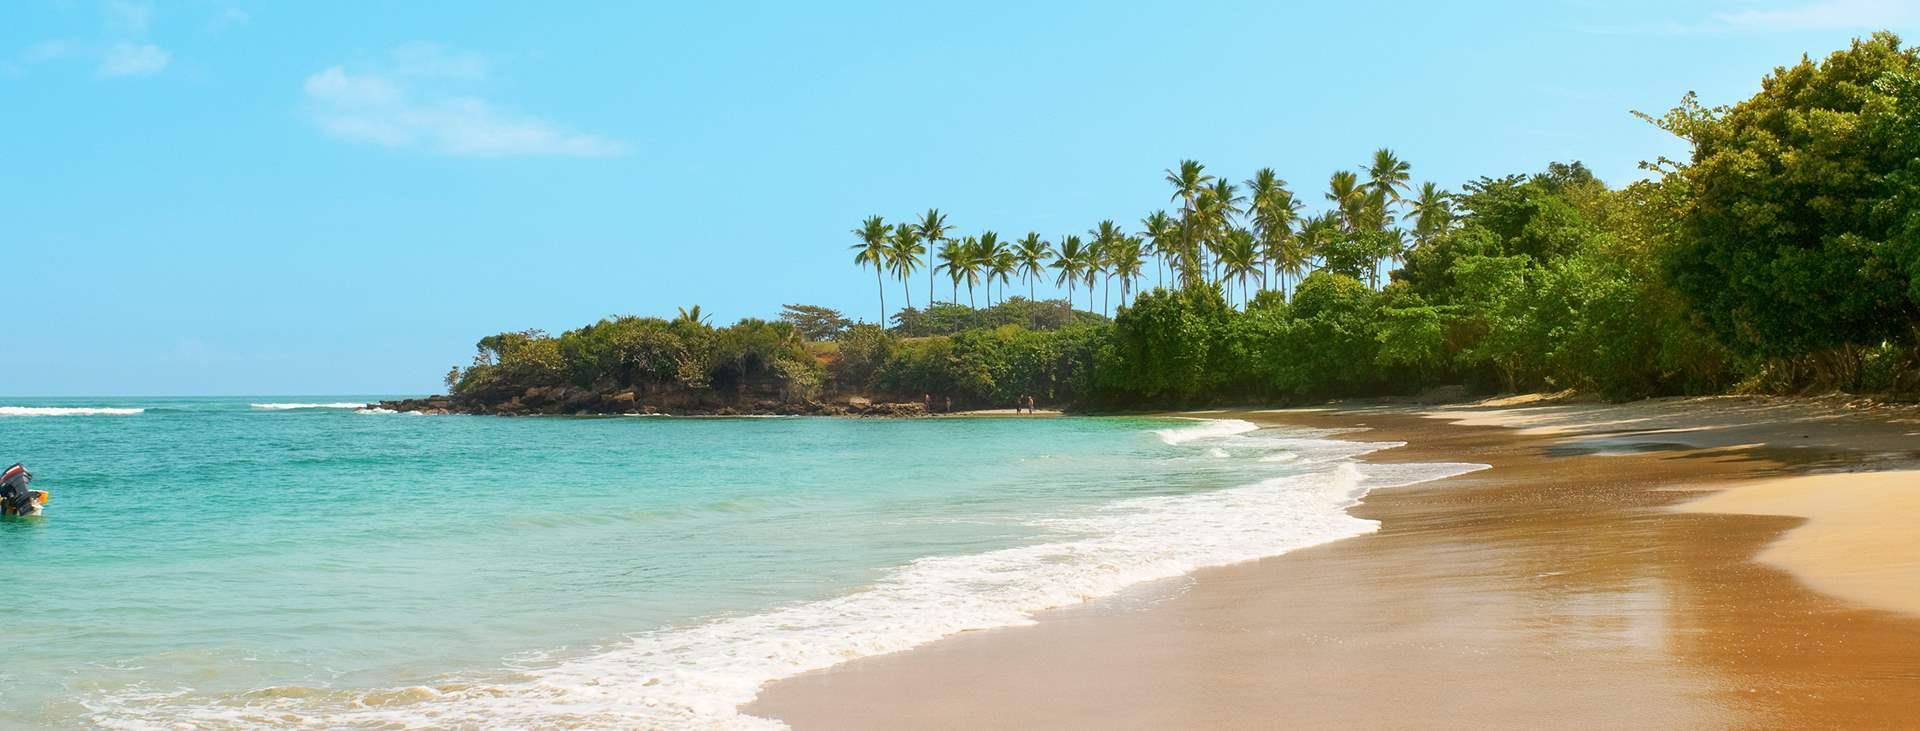 Bestill en reise med All Inclusive til Puerto Plata i Den dominikanske republikk